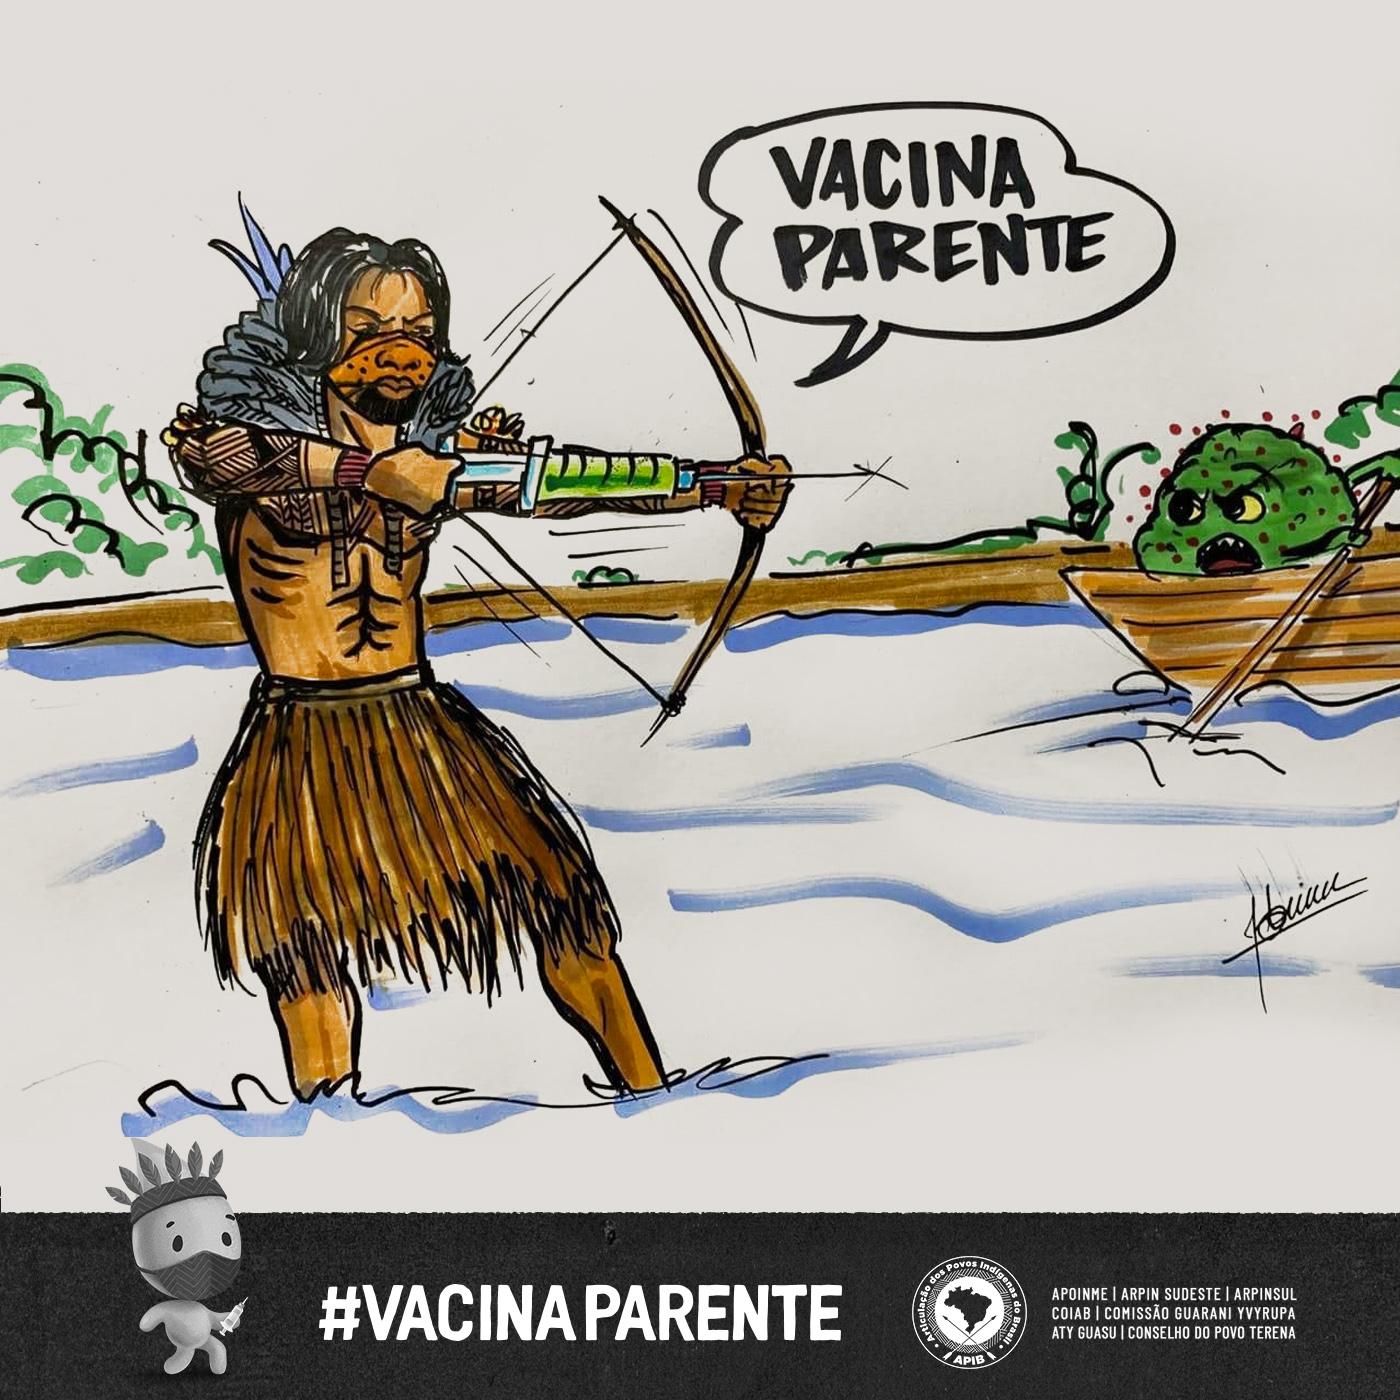 vacinaparente_cartoon3